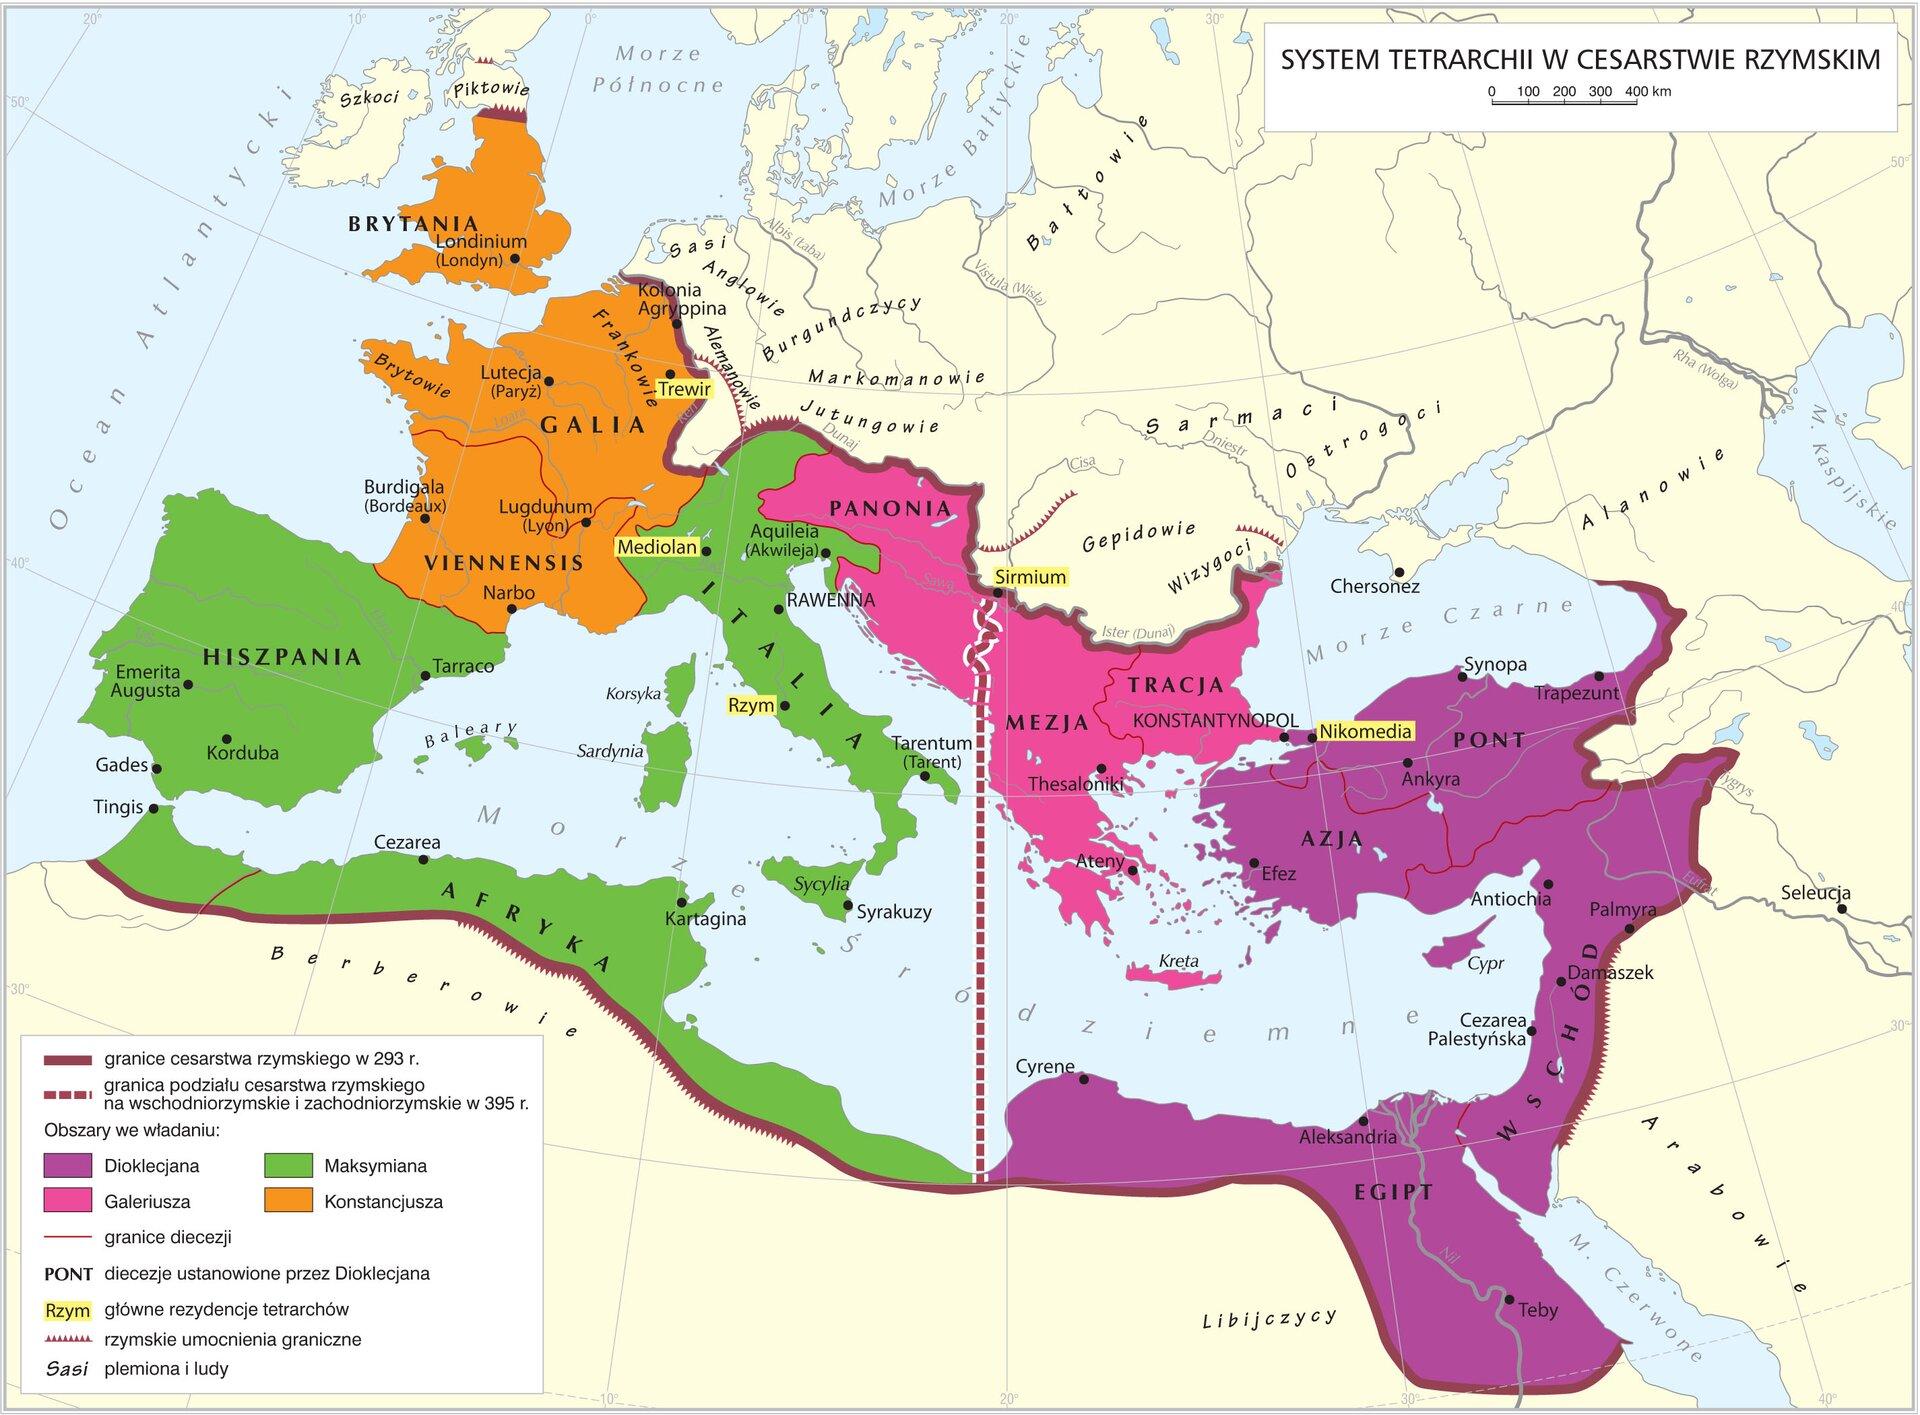 Dioklecjan, jako august, zatrzymał dla siebie Wschód. Drugi august, Maksymian, otrzymał Italię iAfrykę. CezarKonstancujszodpowiadał za Galię iBrytanię, adrugi cezar, Galileusz, za prowincje naddunajskie. Zasiadać mieli wczterech stolicach: Trewirze, Mediolanie, Sirmium iNikomedii. Intencją Dioklecjanabyło usytuowanie nowych stolic jak najbliżej zagrożonych granic. Dioklecjan, jako august, zatrzymał dla siebie Wschód. Drugi august, Maksymian, otrzymał Italię iAfrykę. CezarKonstancujszodpowiadał za Galię iBrytanię, adrugi cezar, Galileusz, za prowincje naddunajskie. Zasiadać mieli wczterech stolicach: Trewirze, Mediolanie, Sirmium iNikomedii. Intencją Dioklecjanabyło usytuowanie nowych stolic jak najbliżej zagrożonych granic. Źródło: Krystian Chariza izespół, licencja: CC BY 3.0.